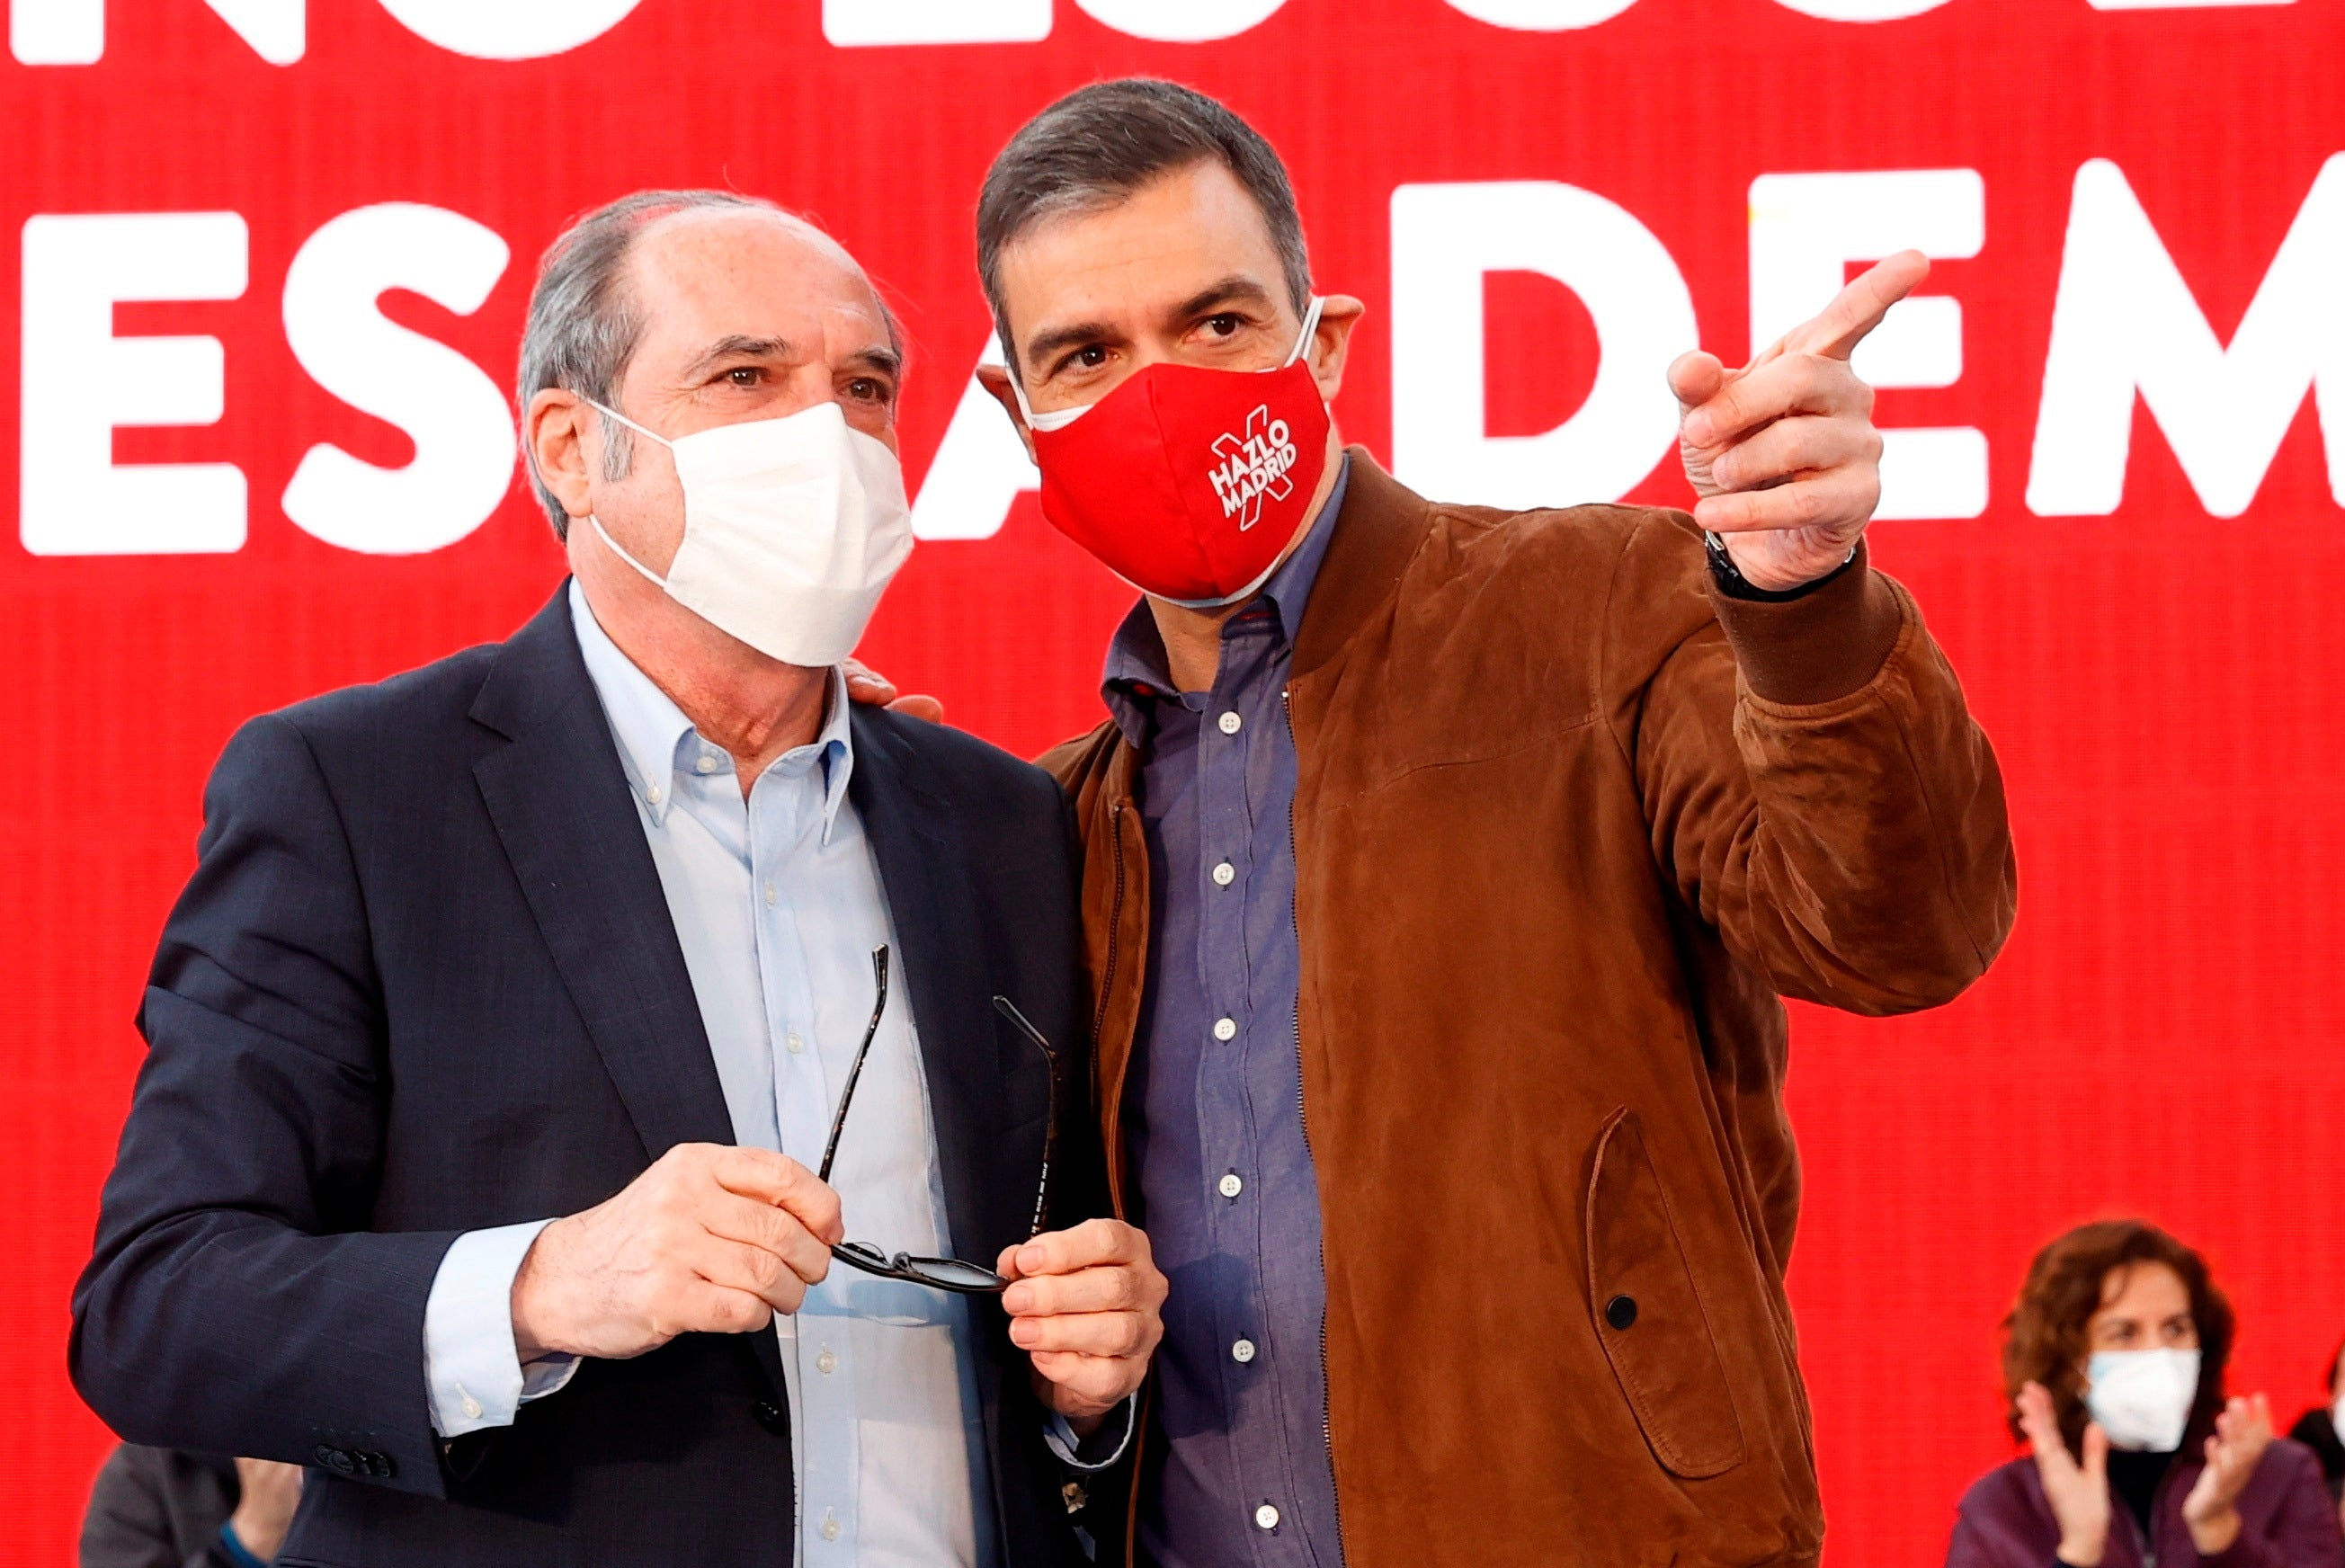 La prensa recoge el debate interno que se ha desatado en el PSOE tras la debacle de Madrid